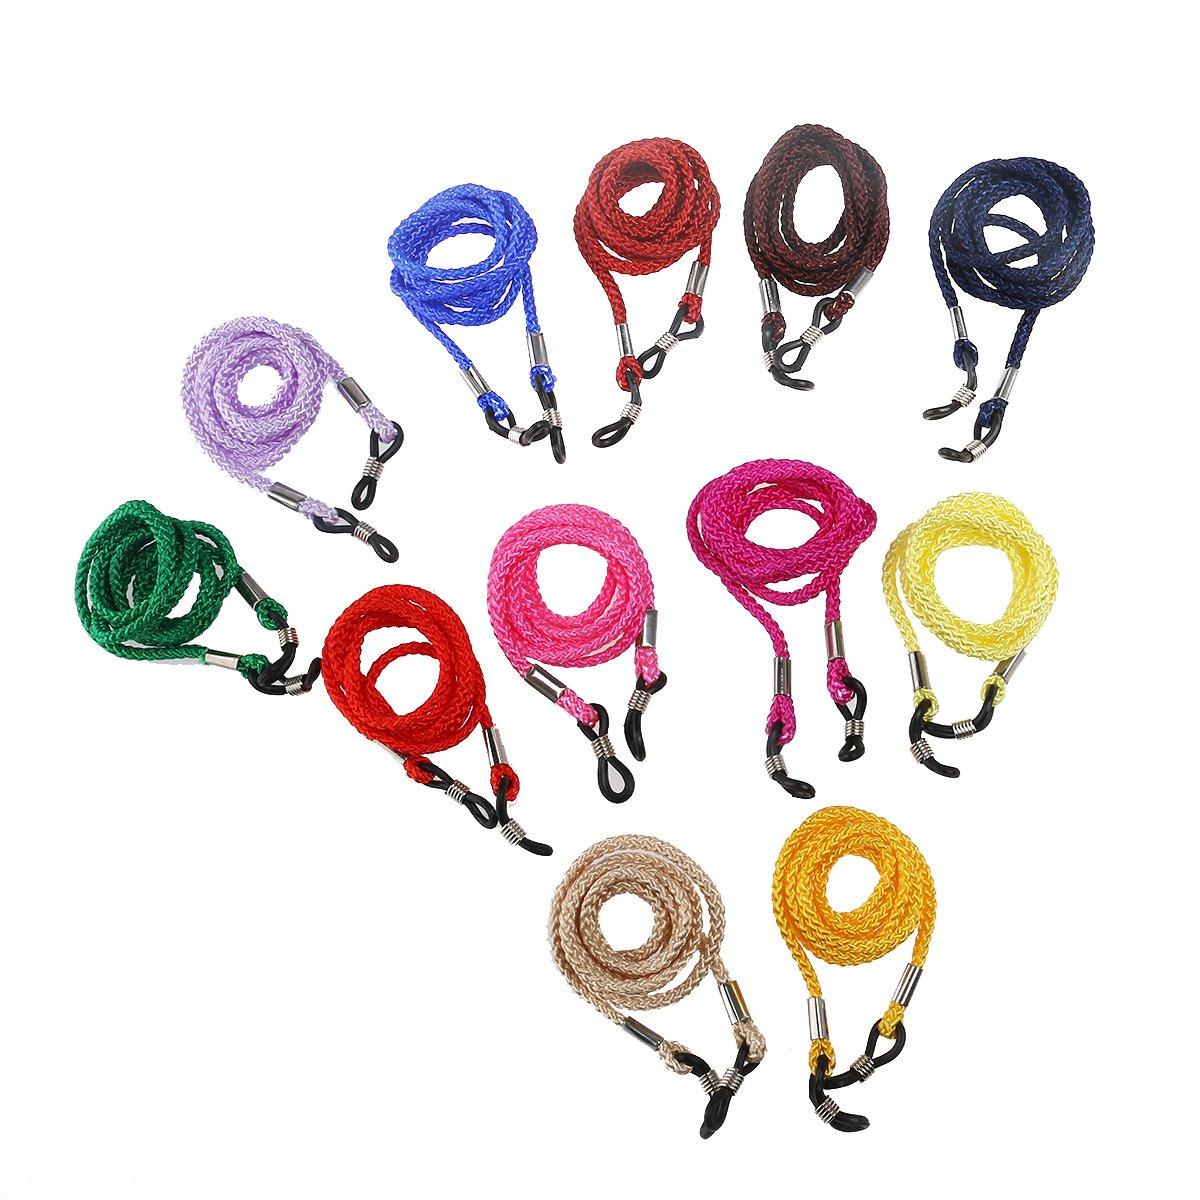 LEORX 12st Nylon Sonnenbrille Brillengestell Spektakel Eyewear Sstrap Schnur Halter Neck String (zufällige Farbe)